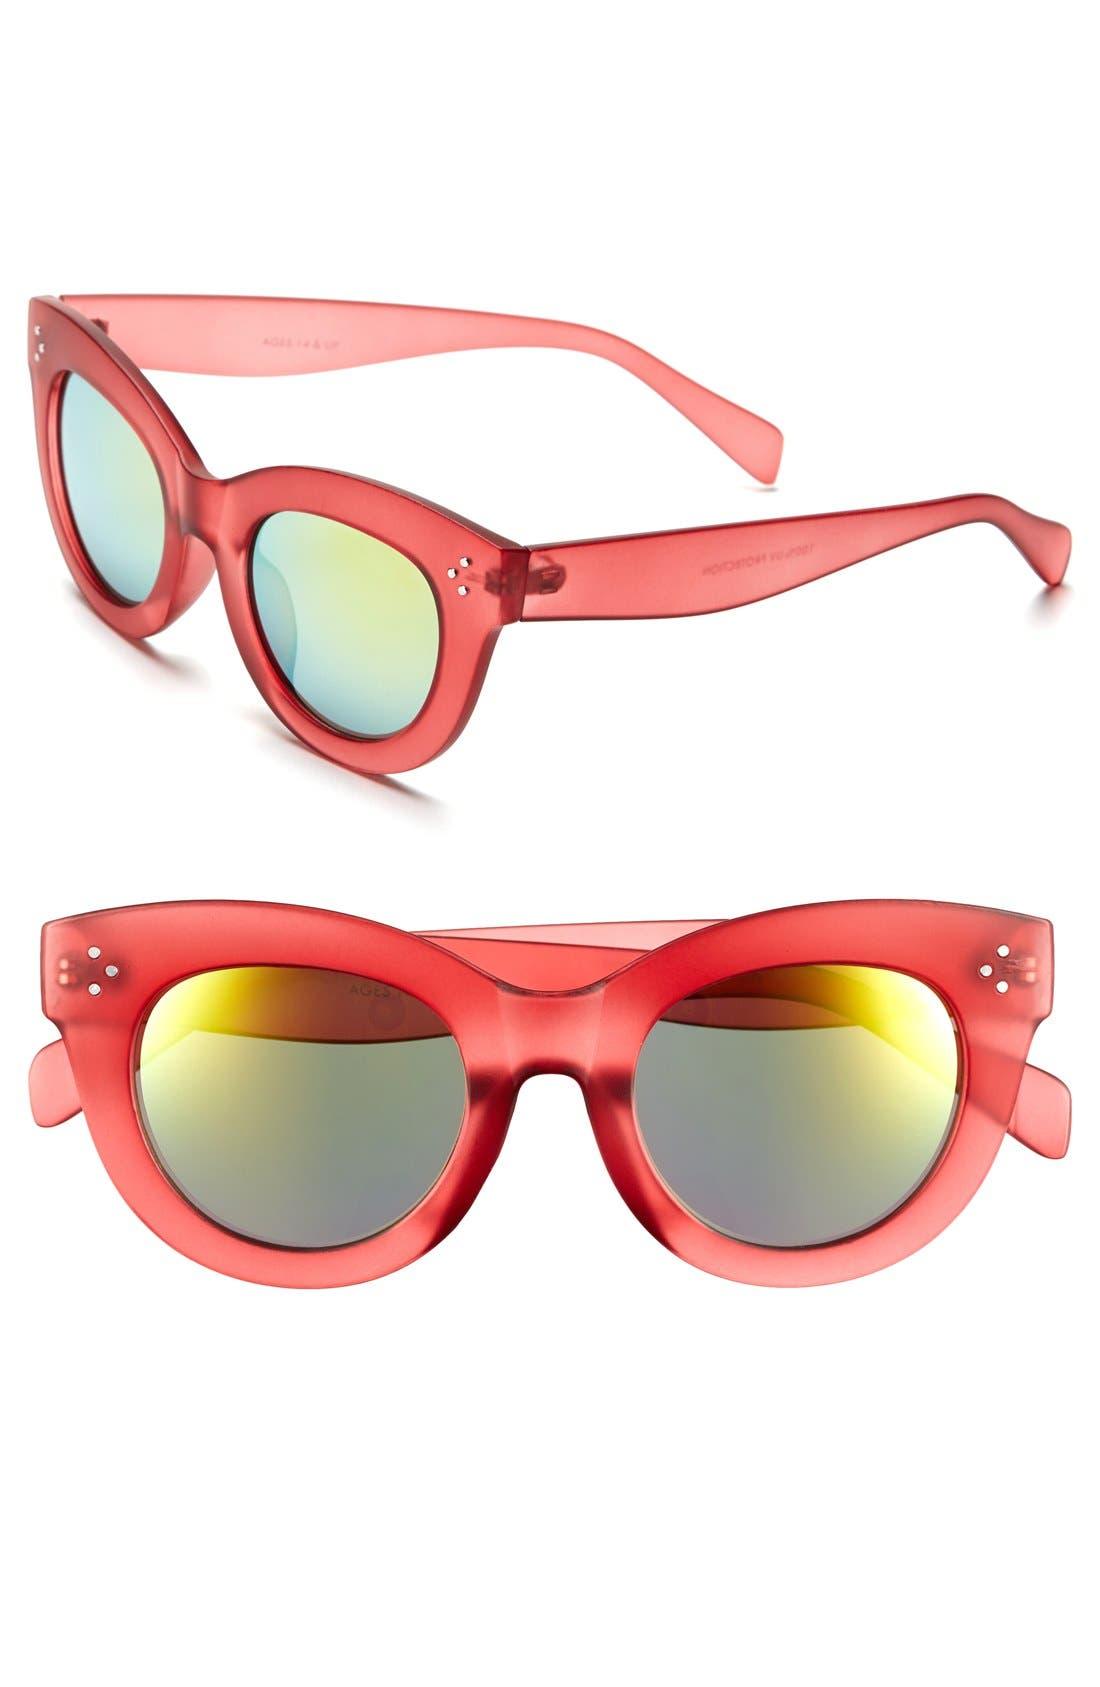 Main Image - FE NY 49mm Mirror Lens Sunglasses